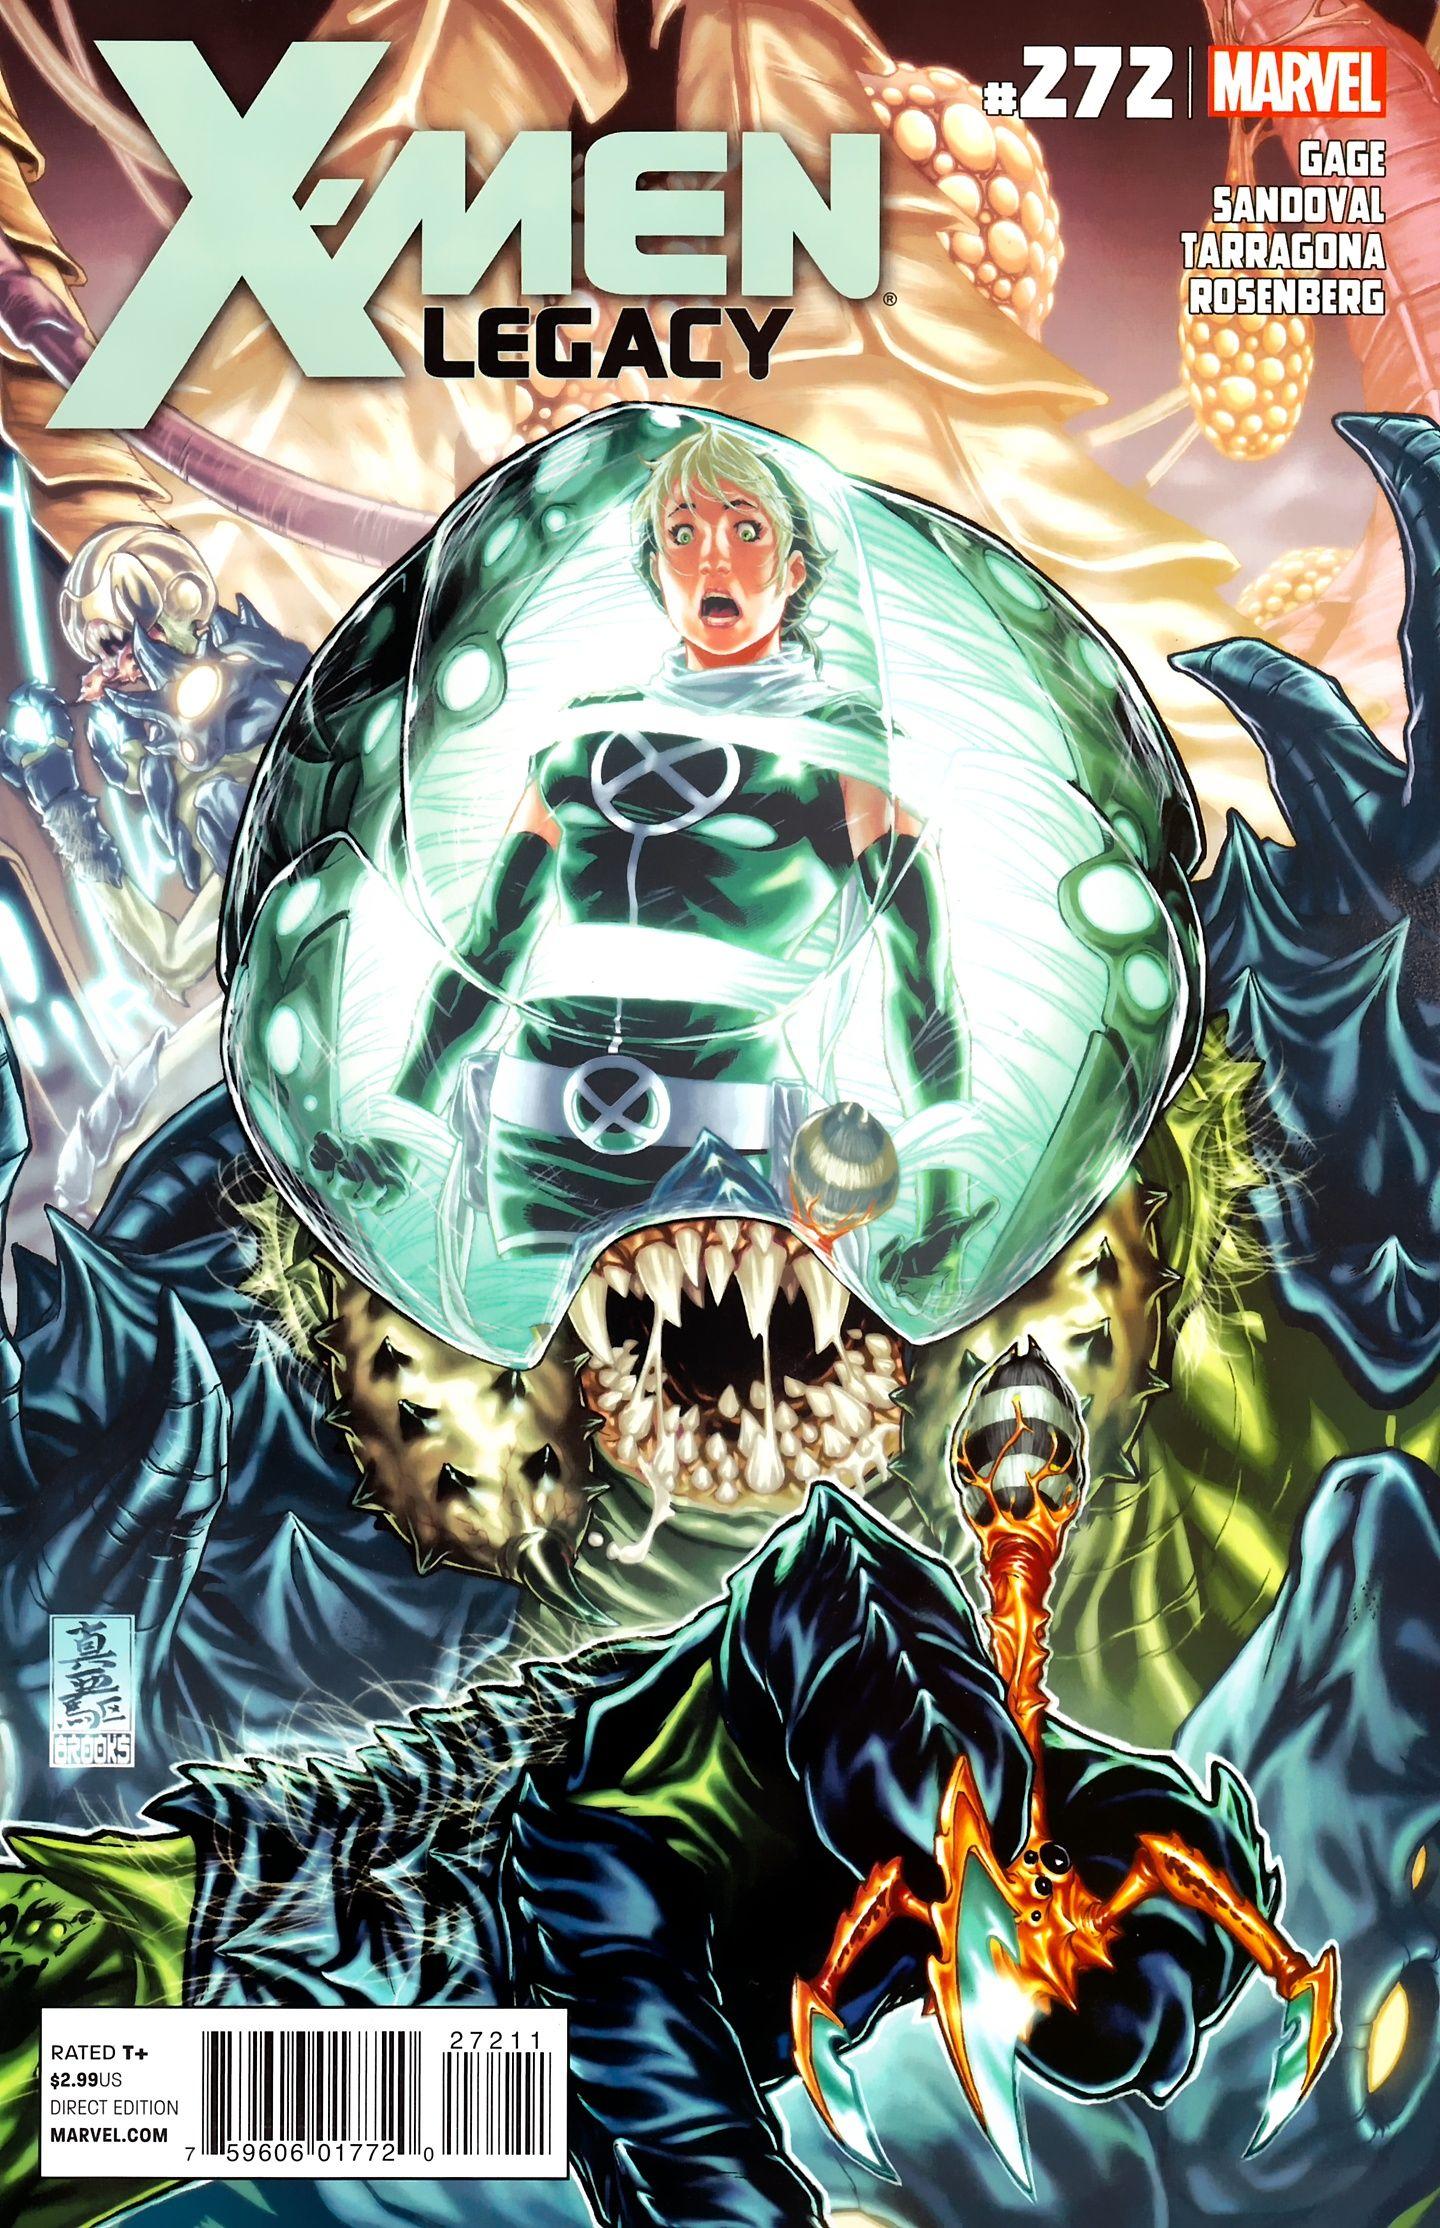 X Men Legacy Vol 1 272 Cover Art By Mark Brooks X Men Comics Marvel Comics